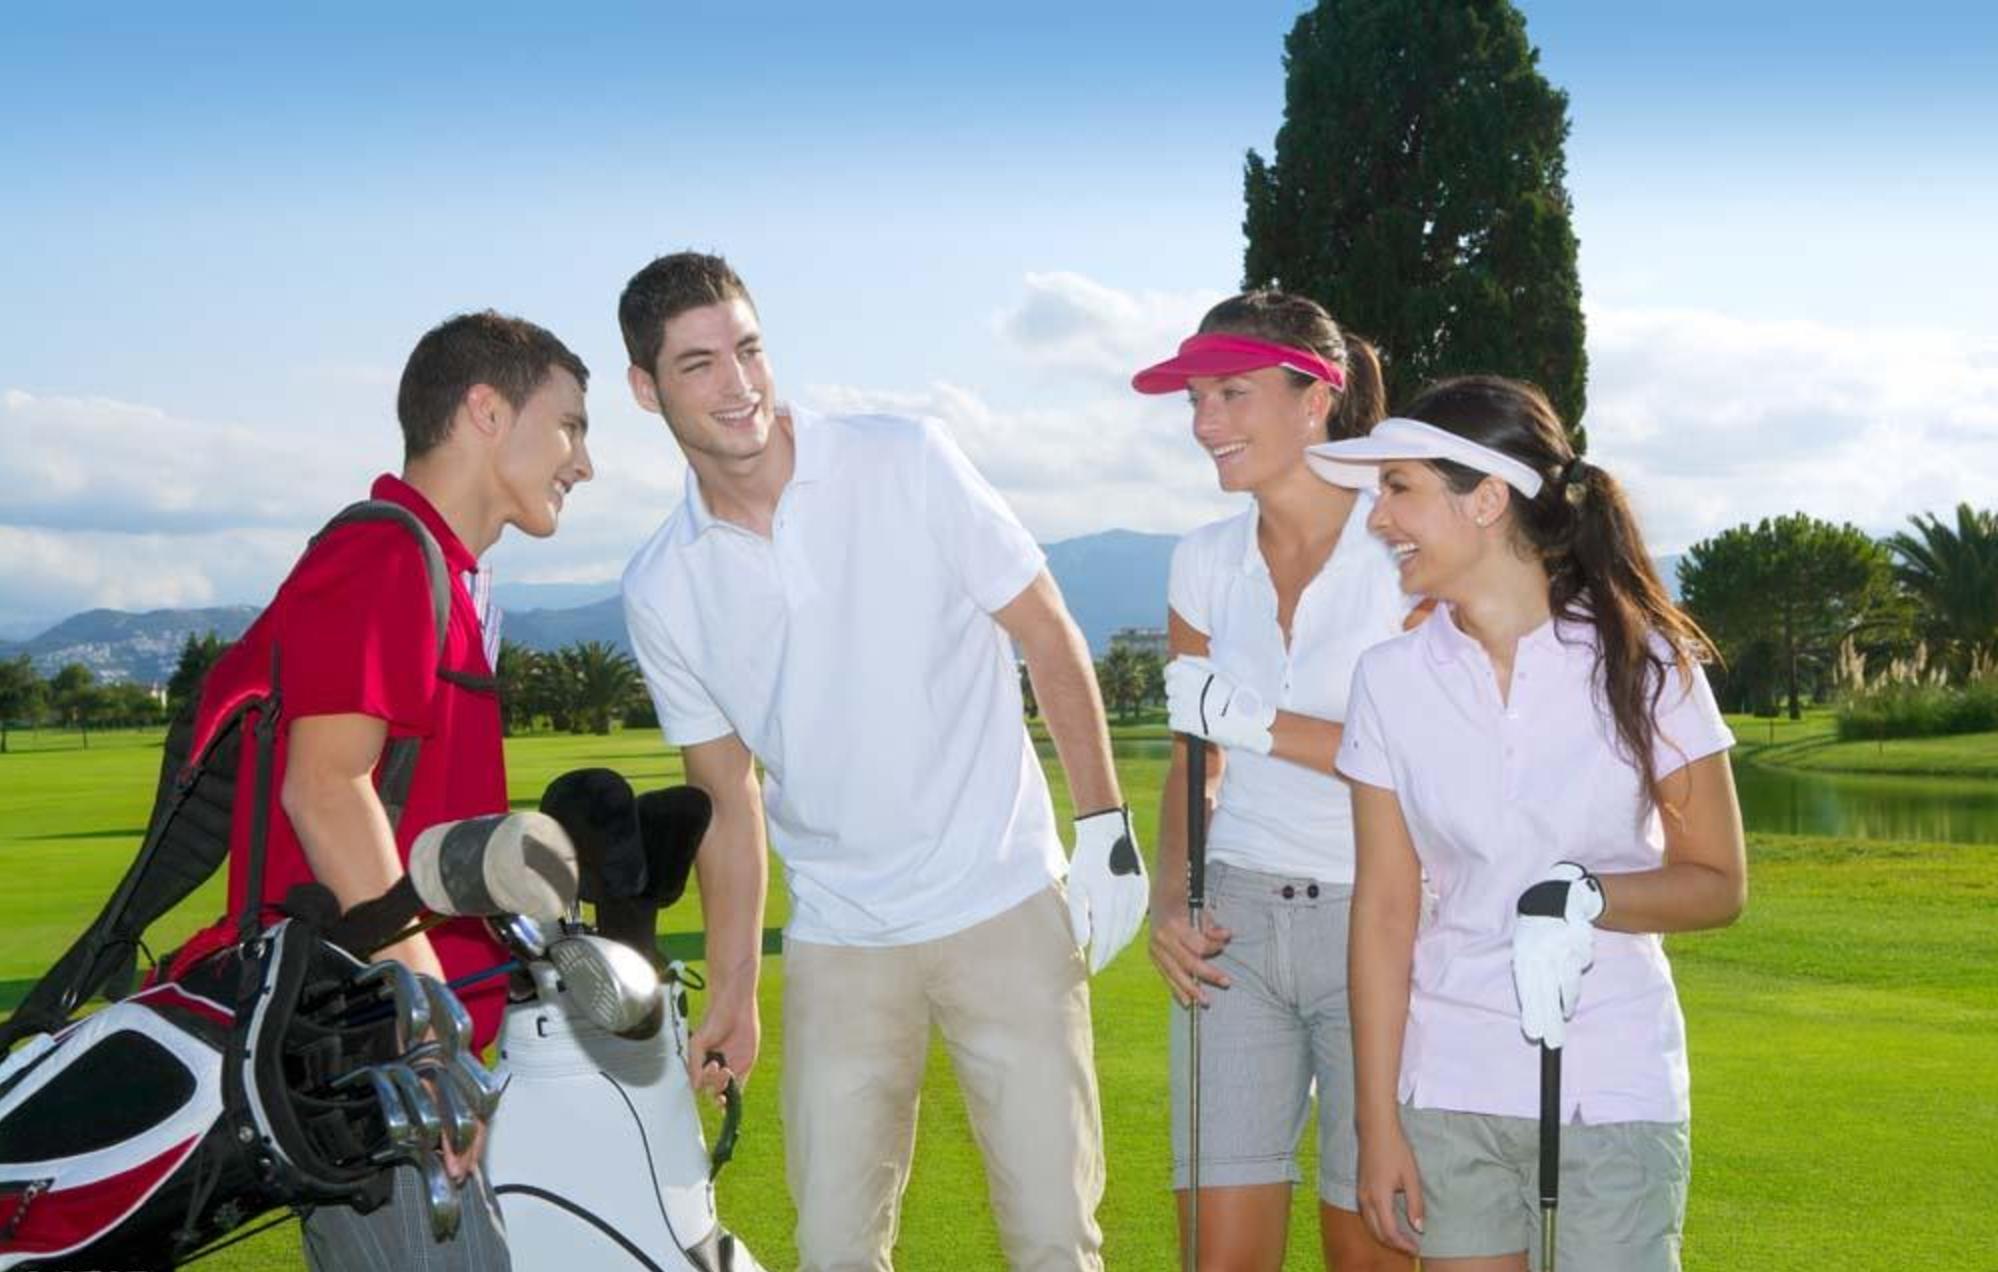 打高尔夫球,没用过它,都不敢说是圈内人!